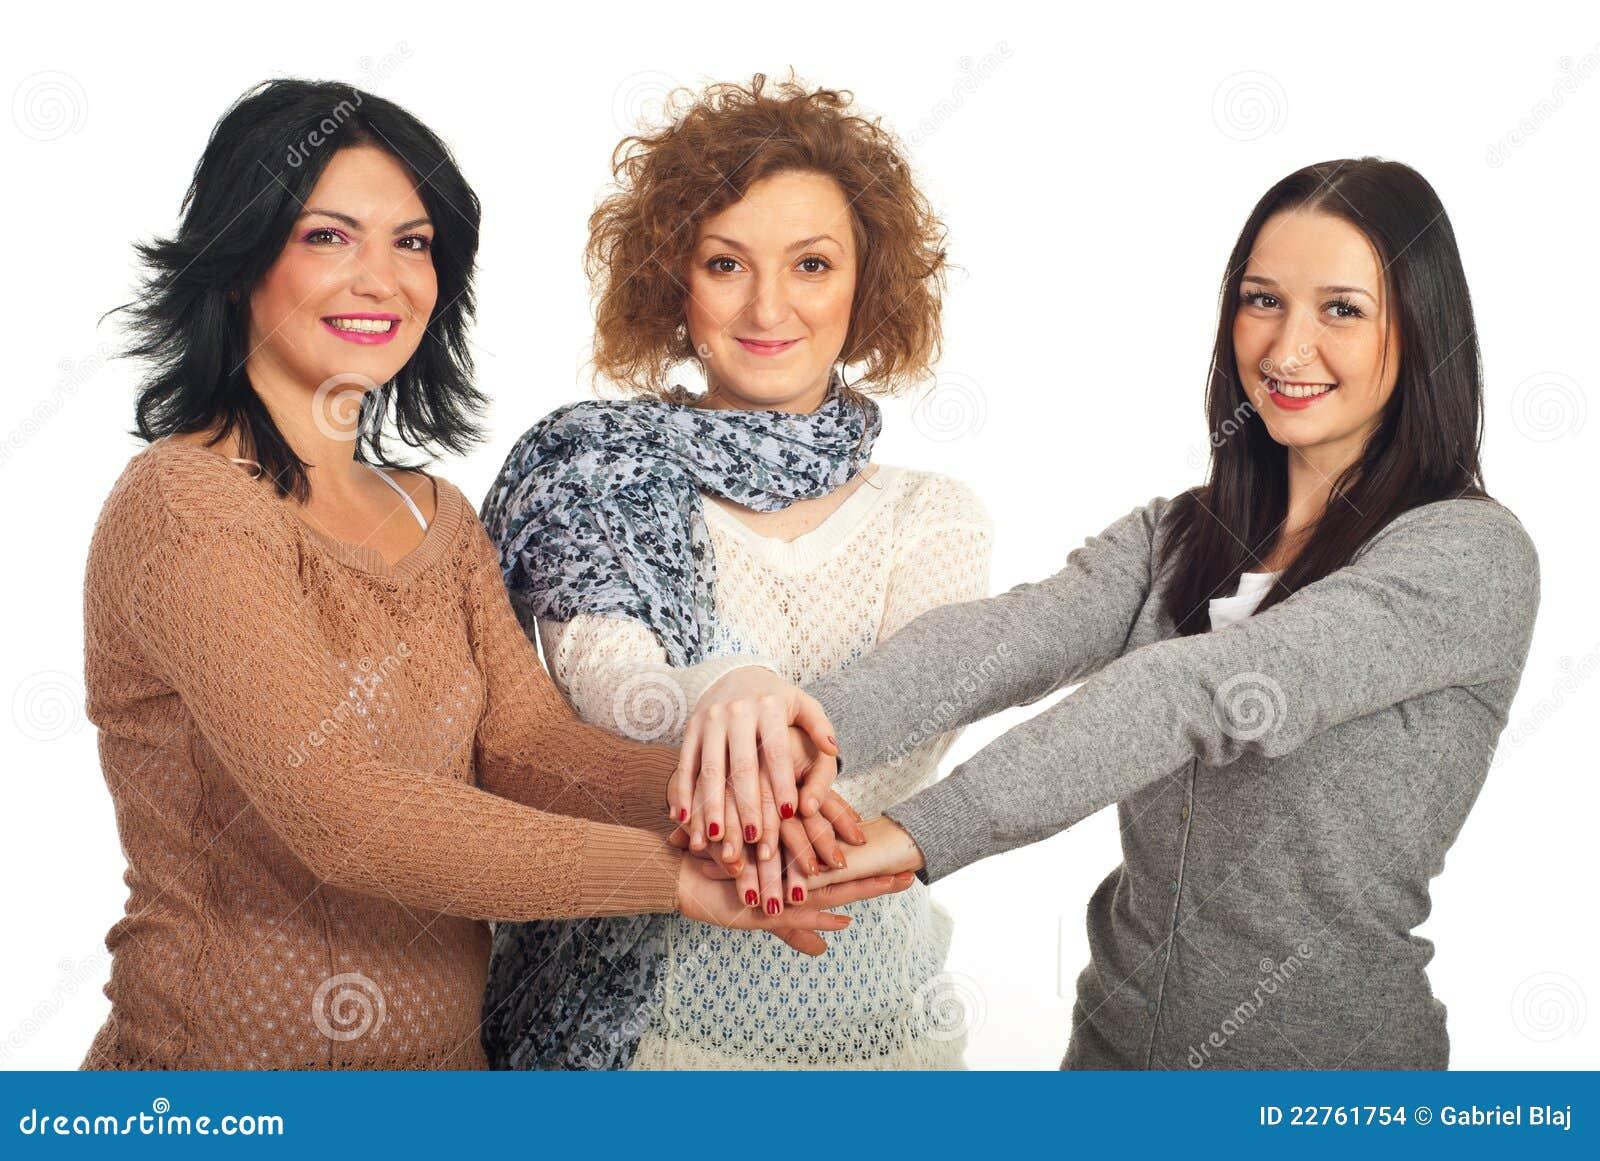 Recherche d'amis femmes